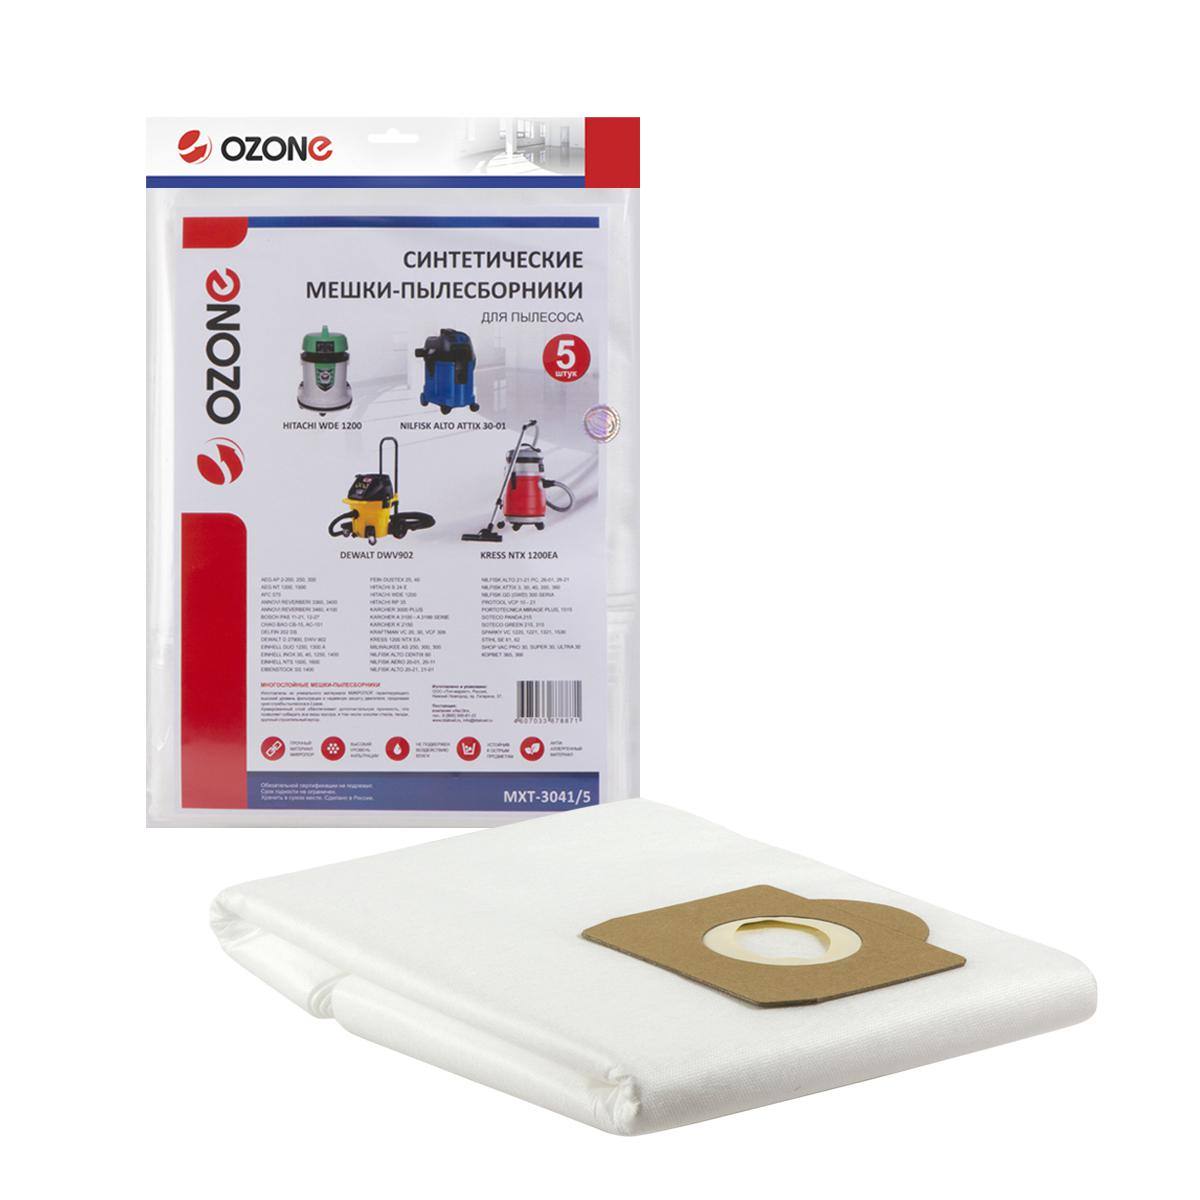 Мешок Ozone Mxt-3041/5 ozone mxt 3031 5